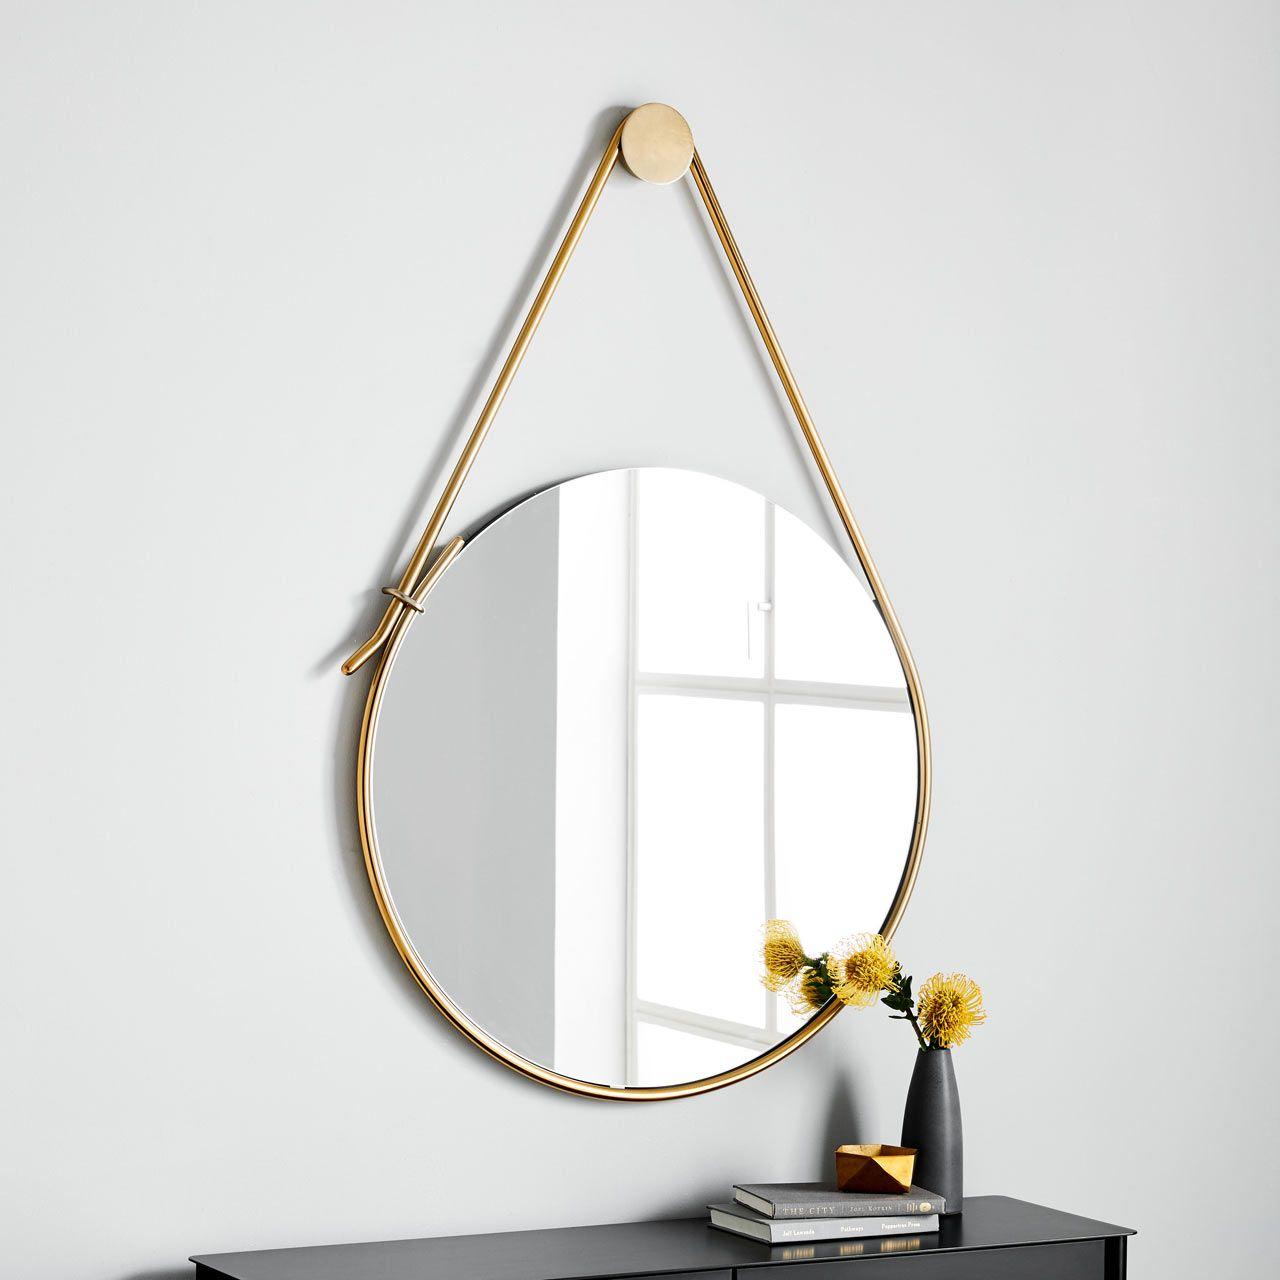 Debra Folz West Elm 16 Mirror – Design Milk | M I R R O R Inside Rhein Accent Mirrors (Image 3 of 20)